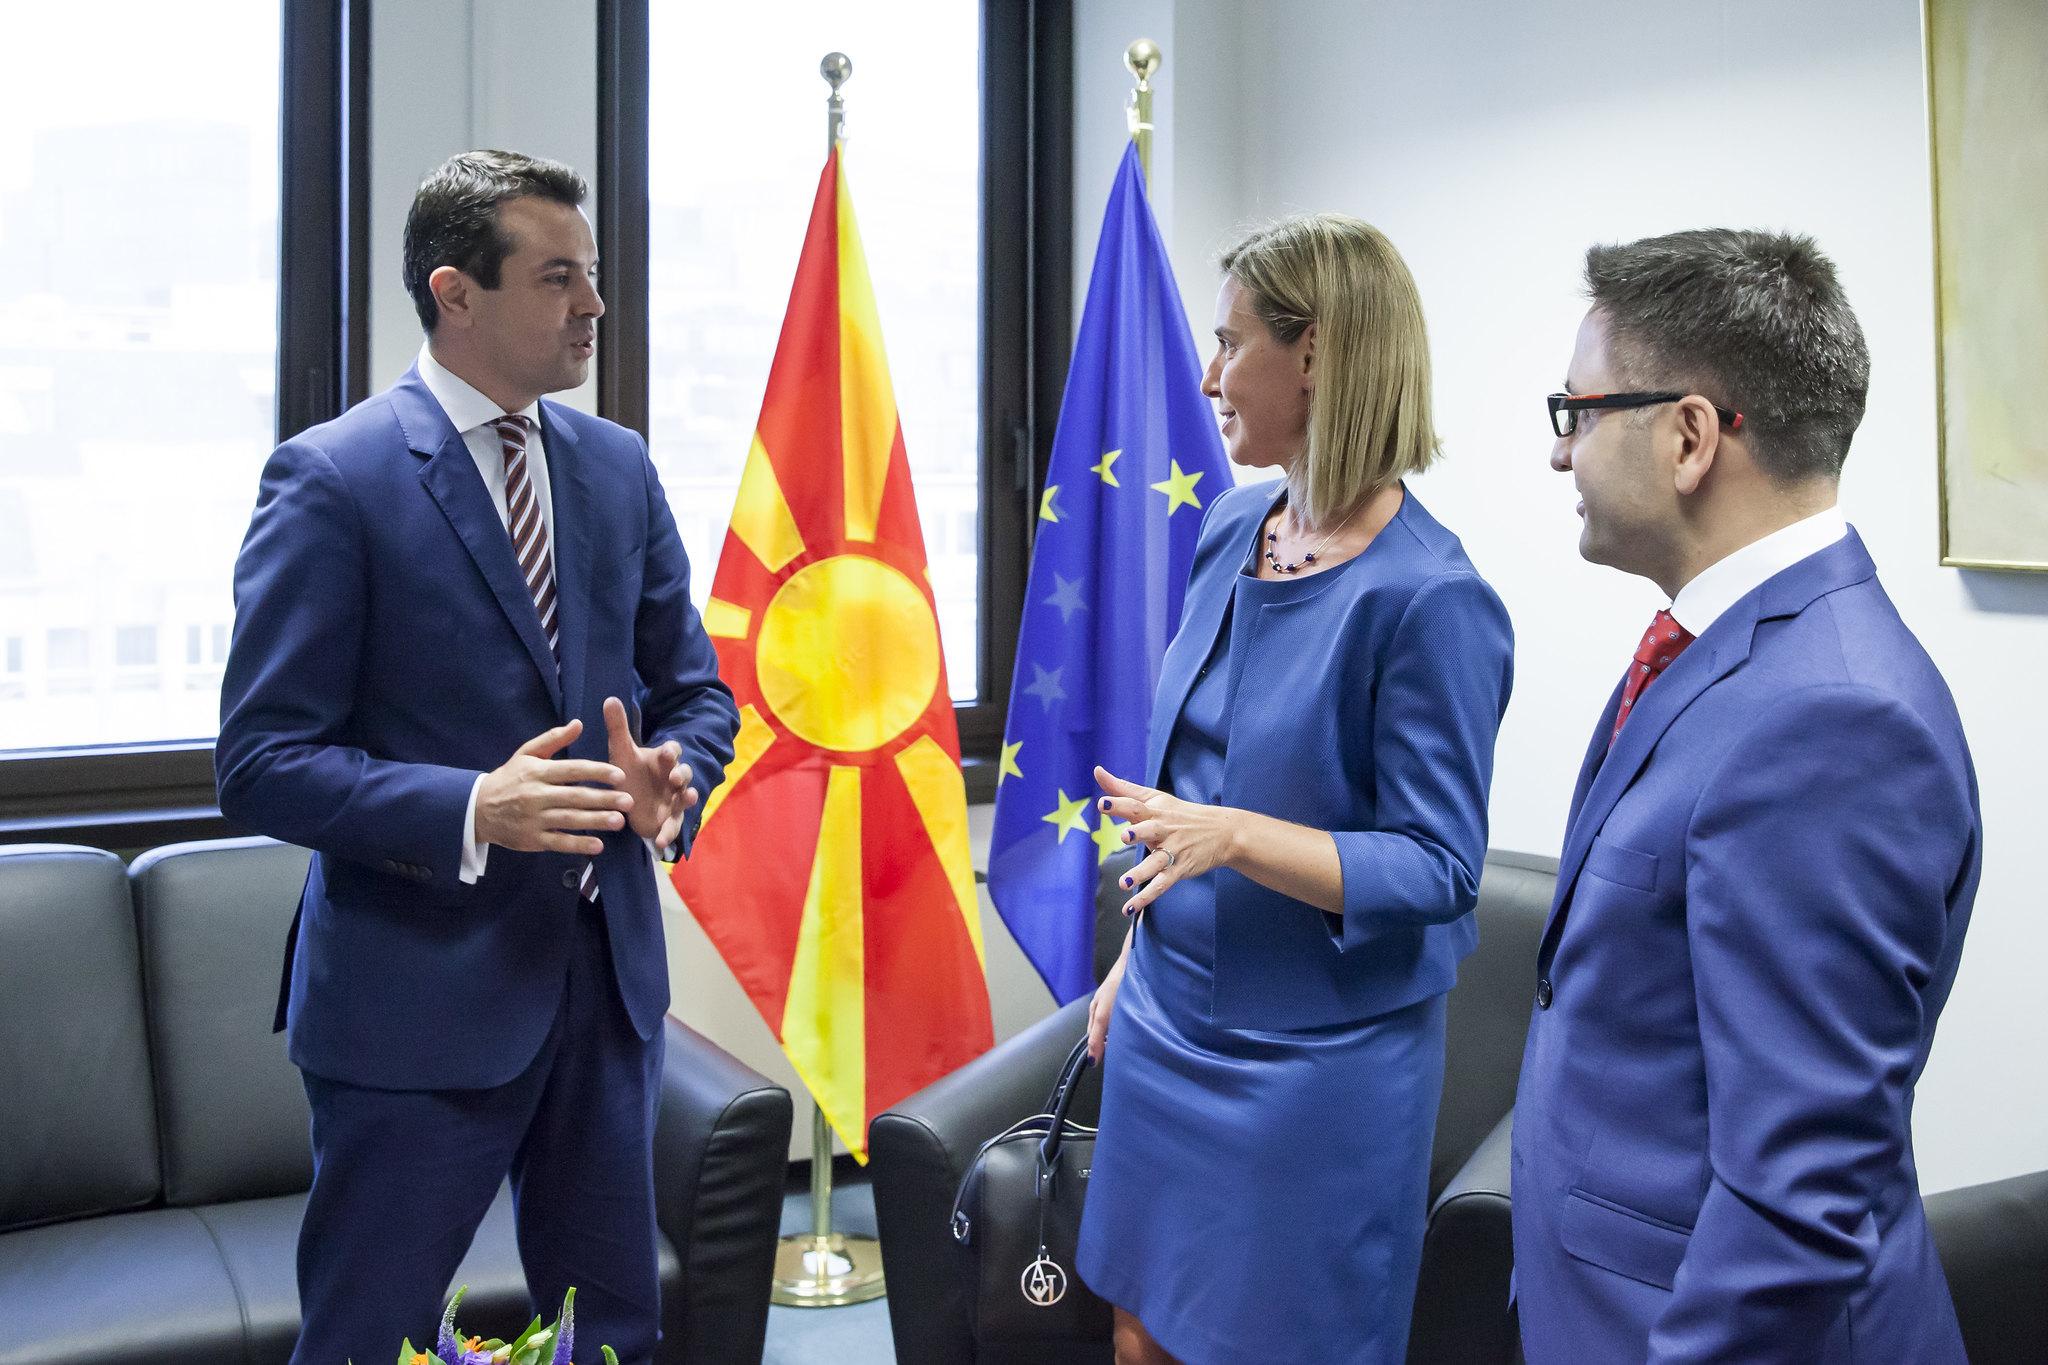 Bułgaria blokuje negocjacje akcesyjne Macedonii Północnej z Unią Europejską